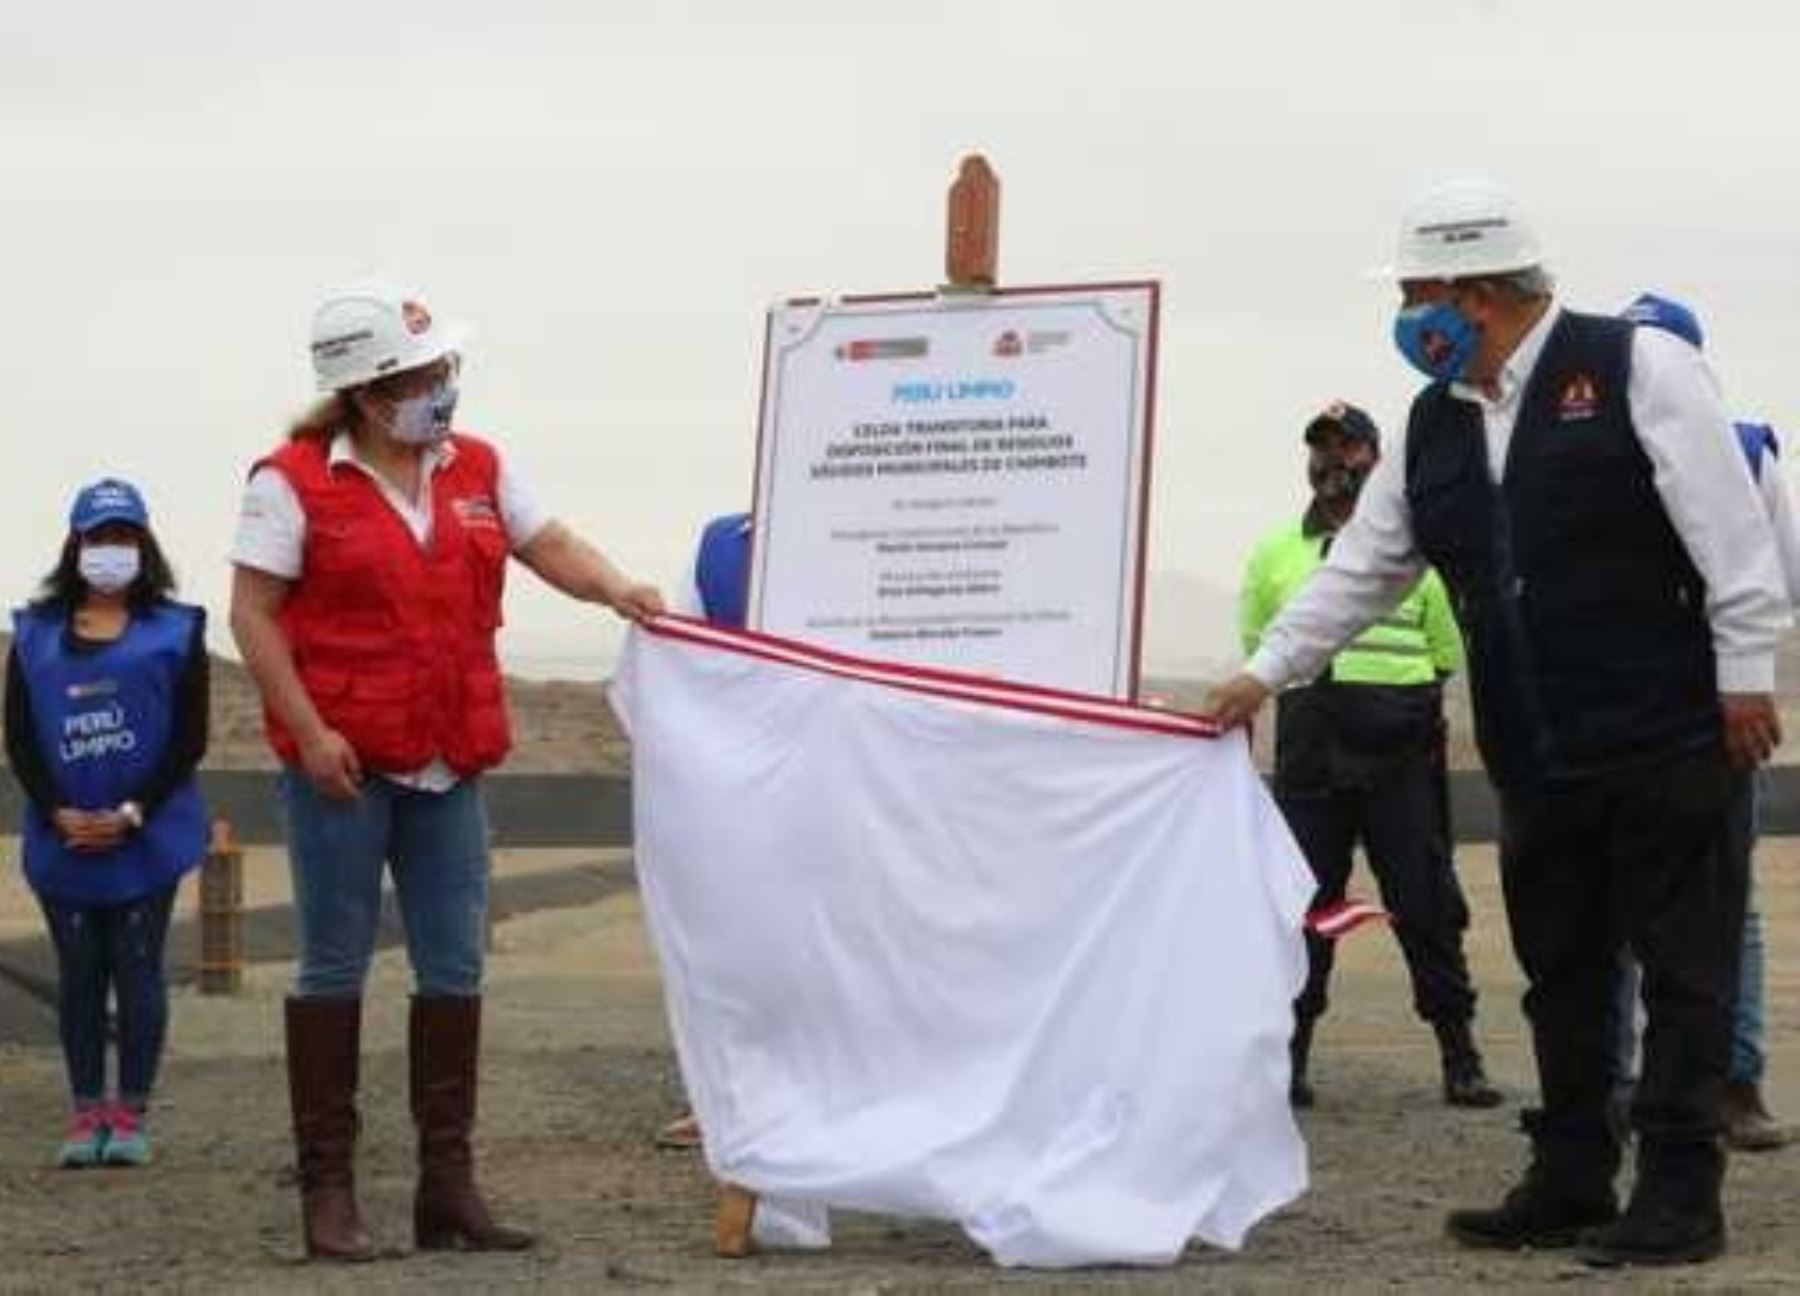 Ministra del Ambiente, Kirla Echegaray inauguró hoy una nueva infraestructura sanitaria en Chimbote que ayudará a mejorar la gestión de residuos sólidos en esa ciudad ubicada en Áncash. ANDINA/Difusión